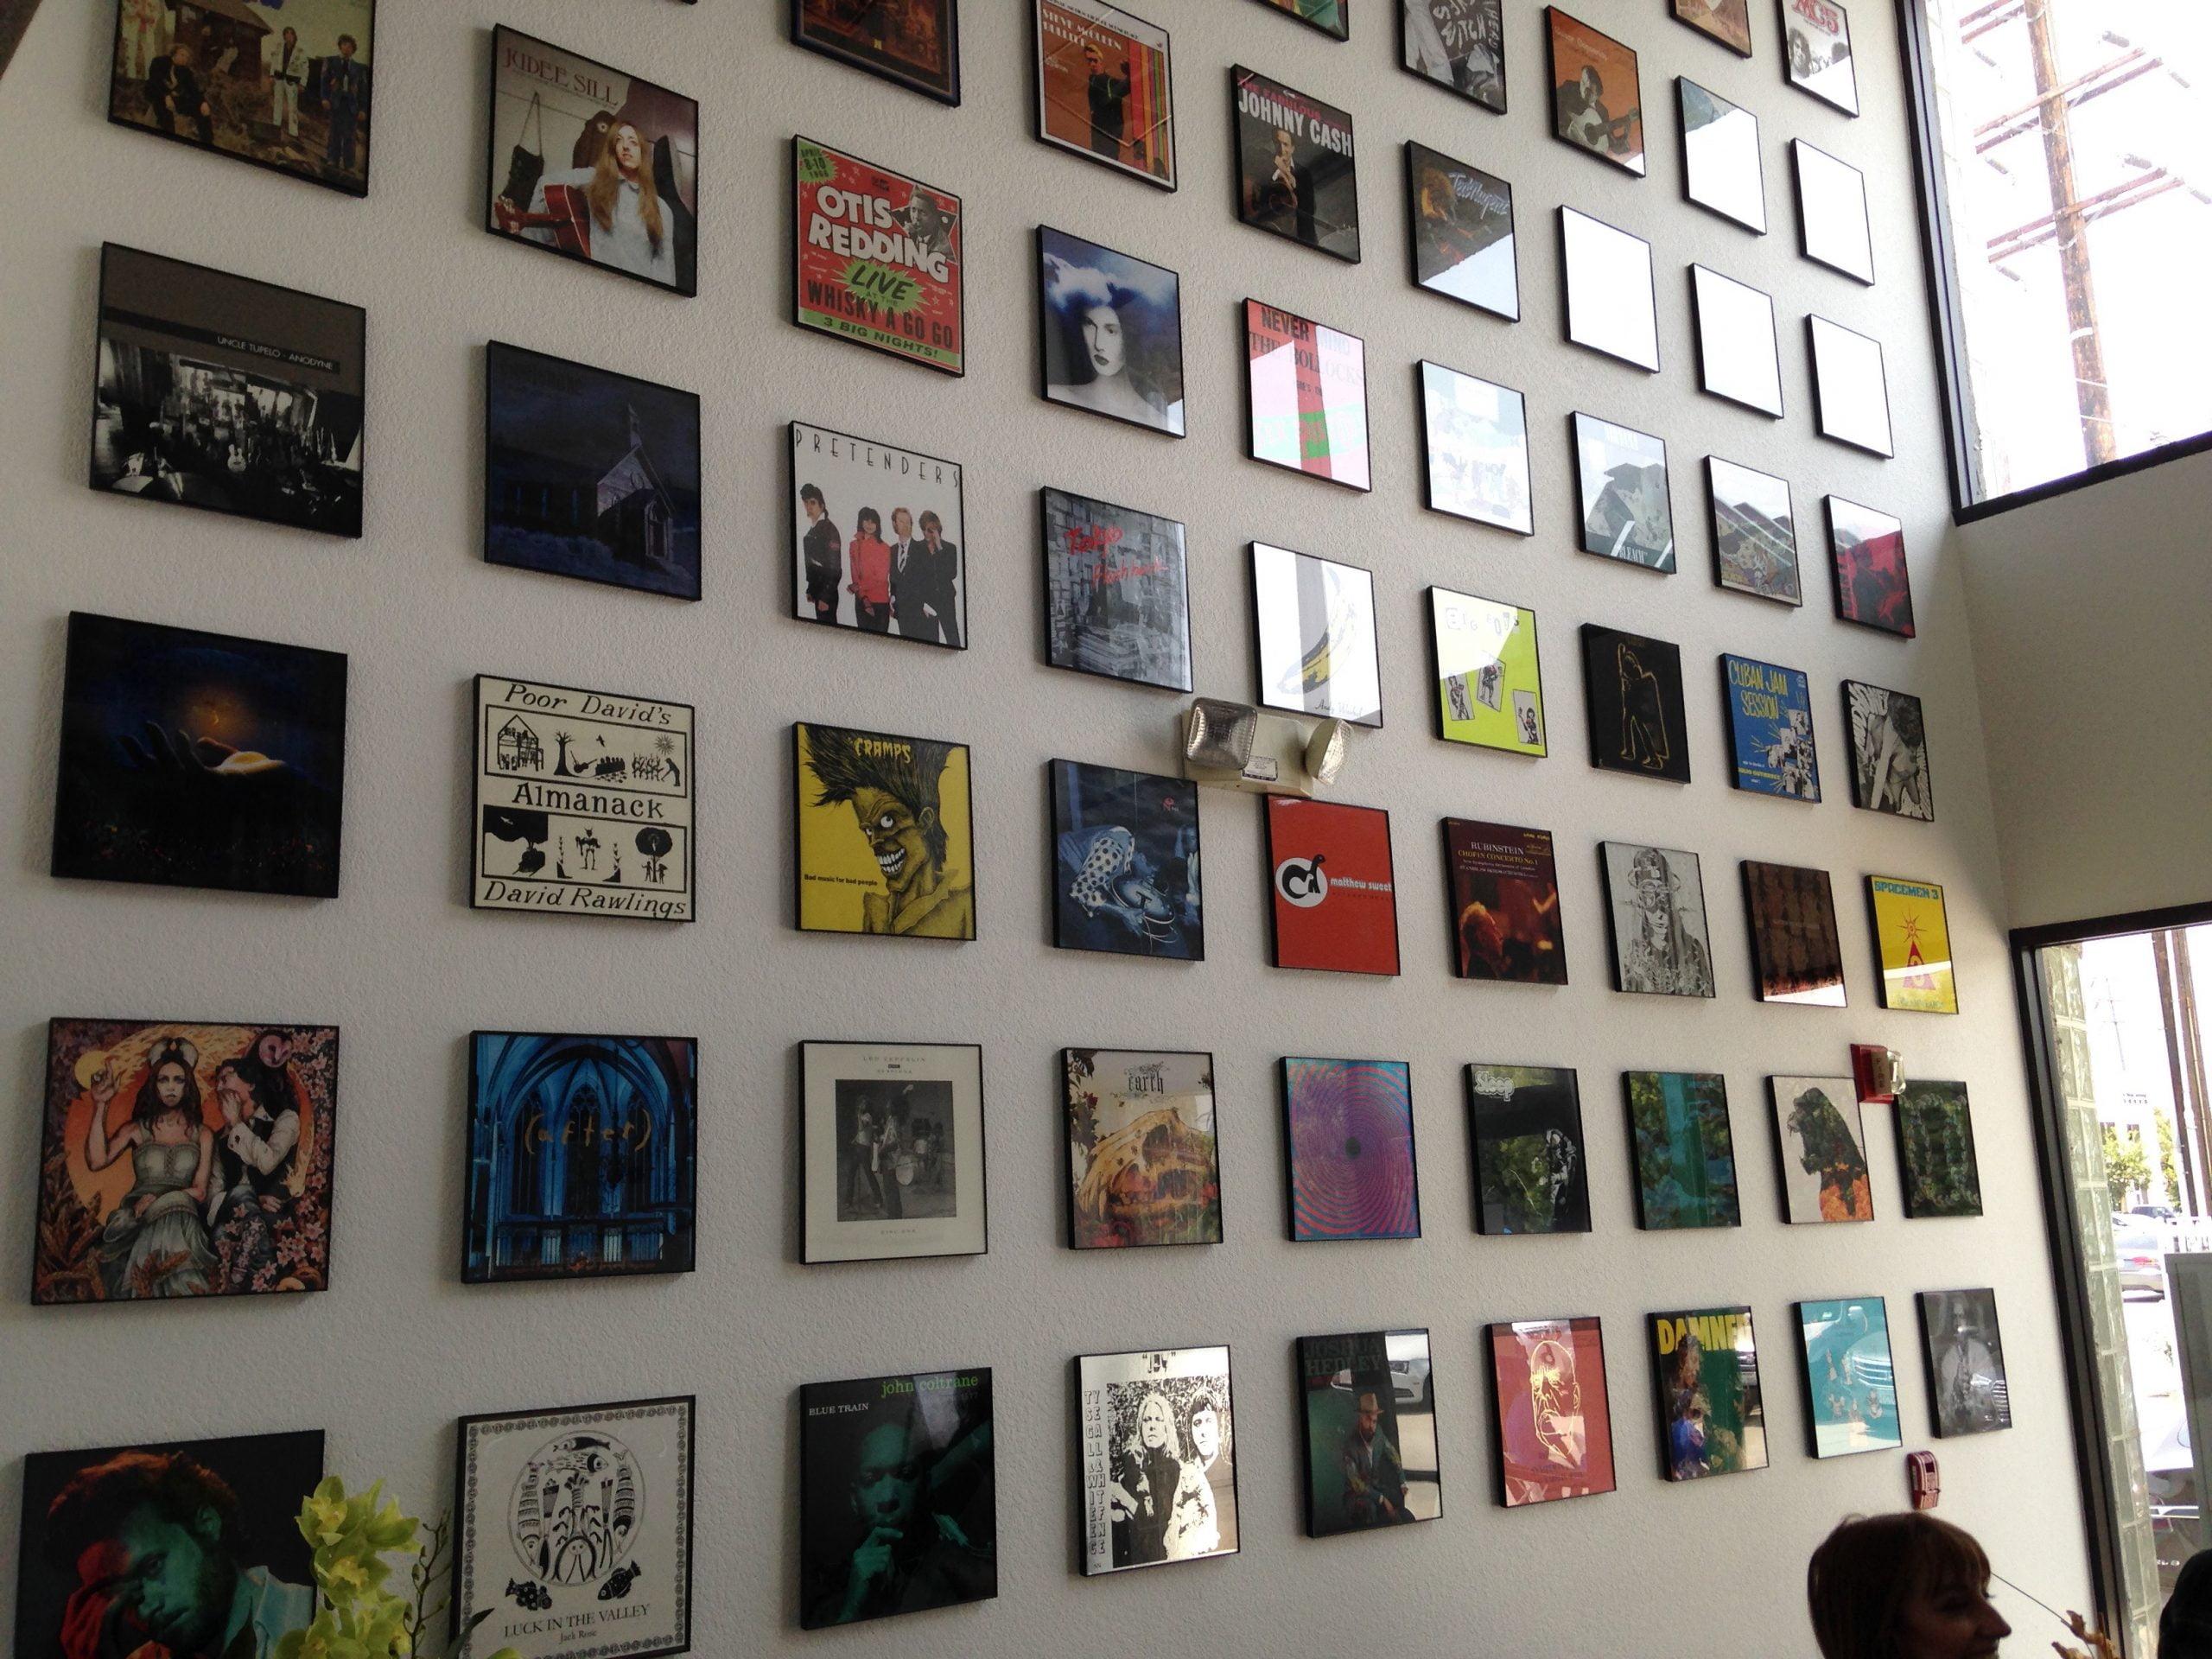 Stoughton Wall of Fame